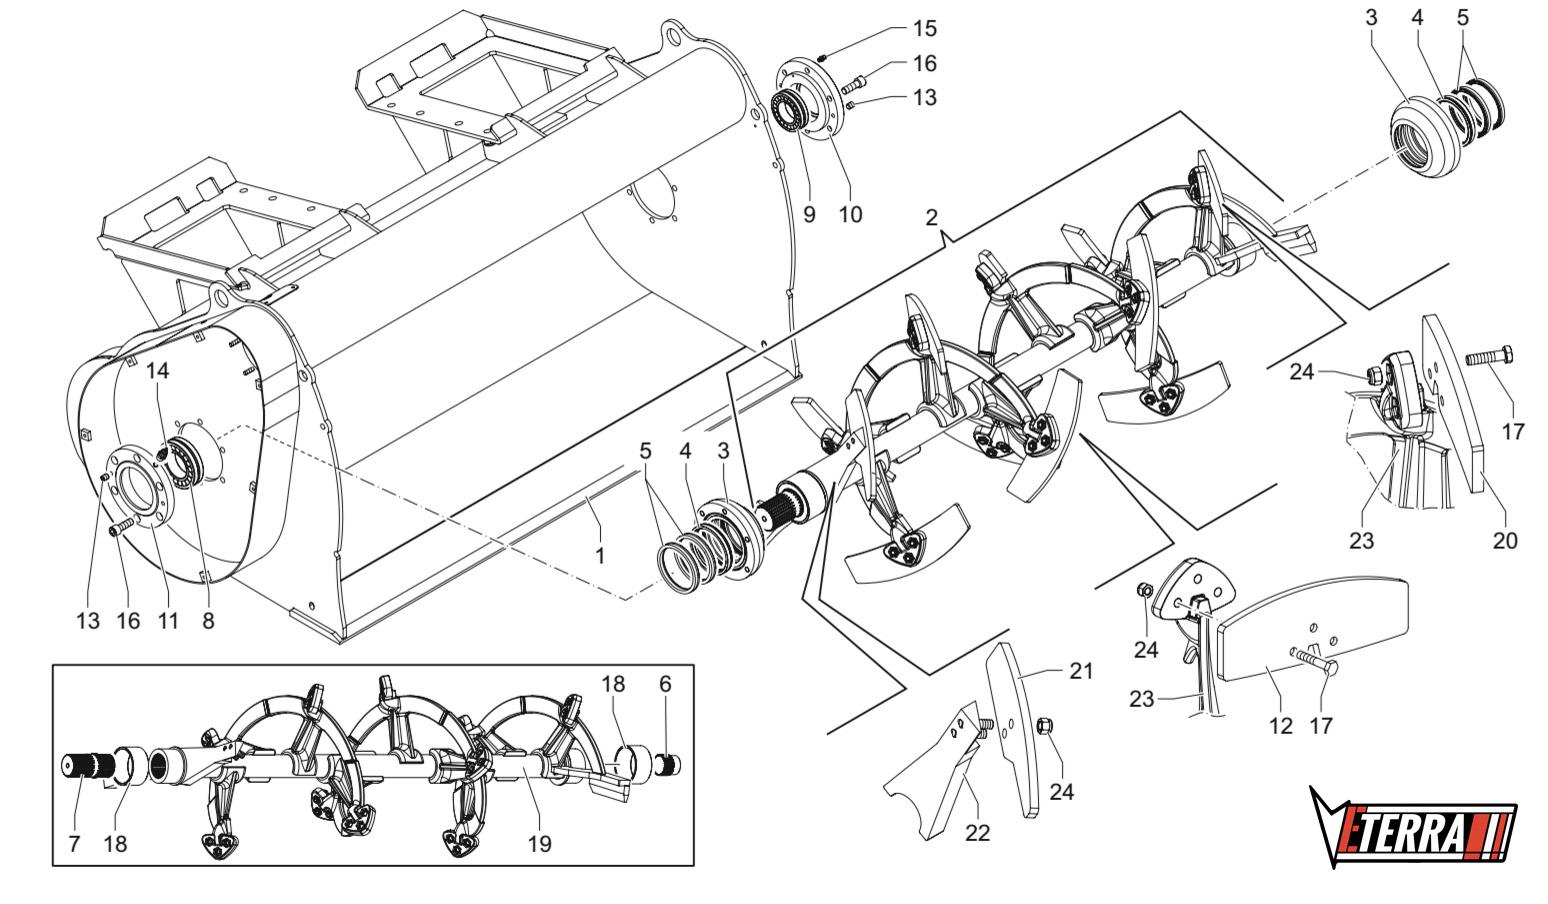 the eterra skid steer cement mixer attachment parts information  [ 1548 x 904 Pixel ]